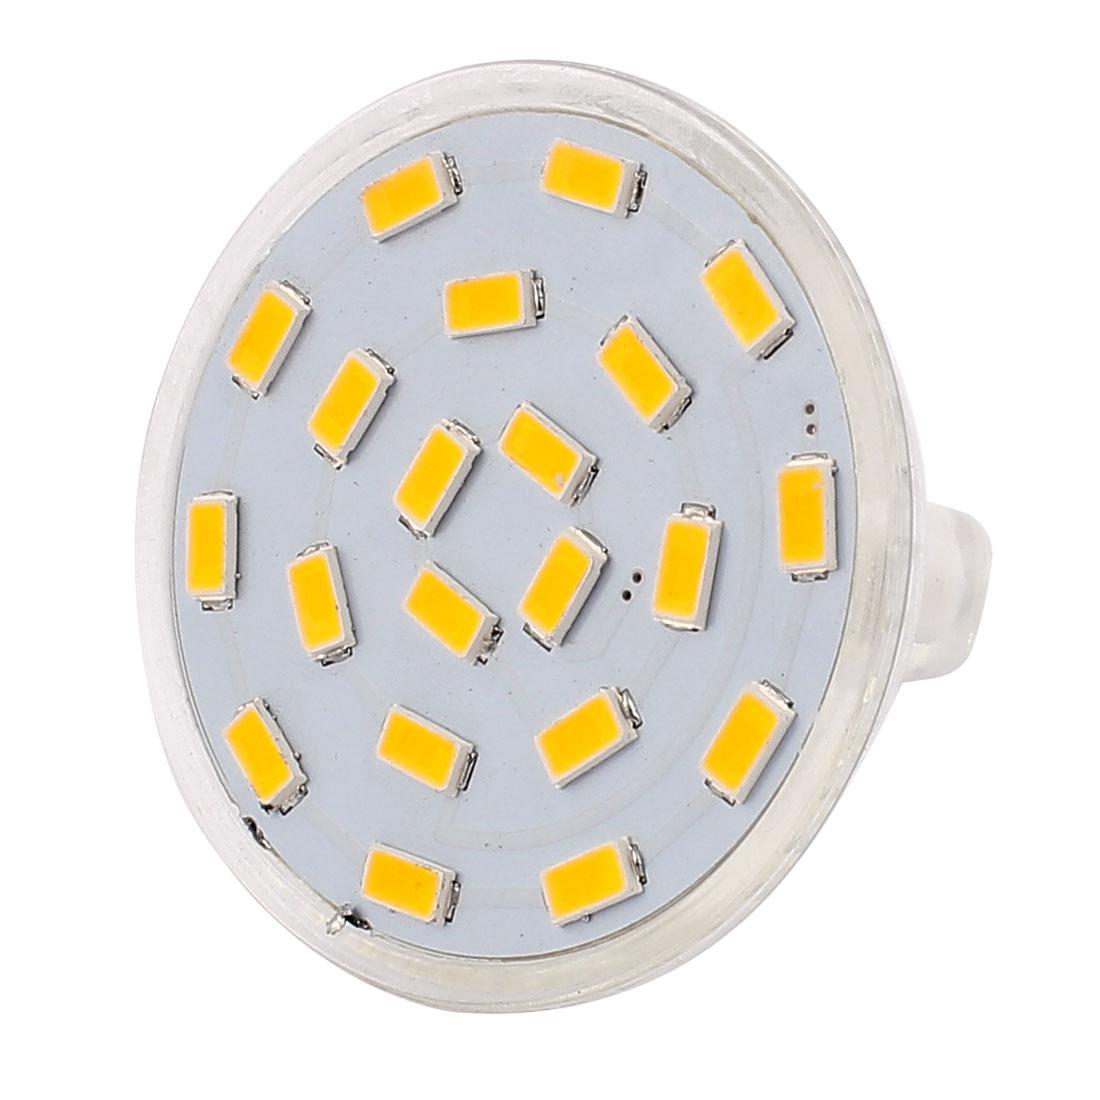 220V-240V 5W MR16 5730 SMD 21 LEDs LED Bulb Down Light Spotlight Lamp Warm White